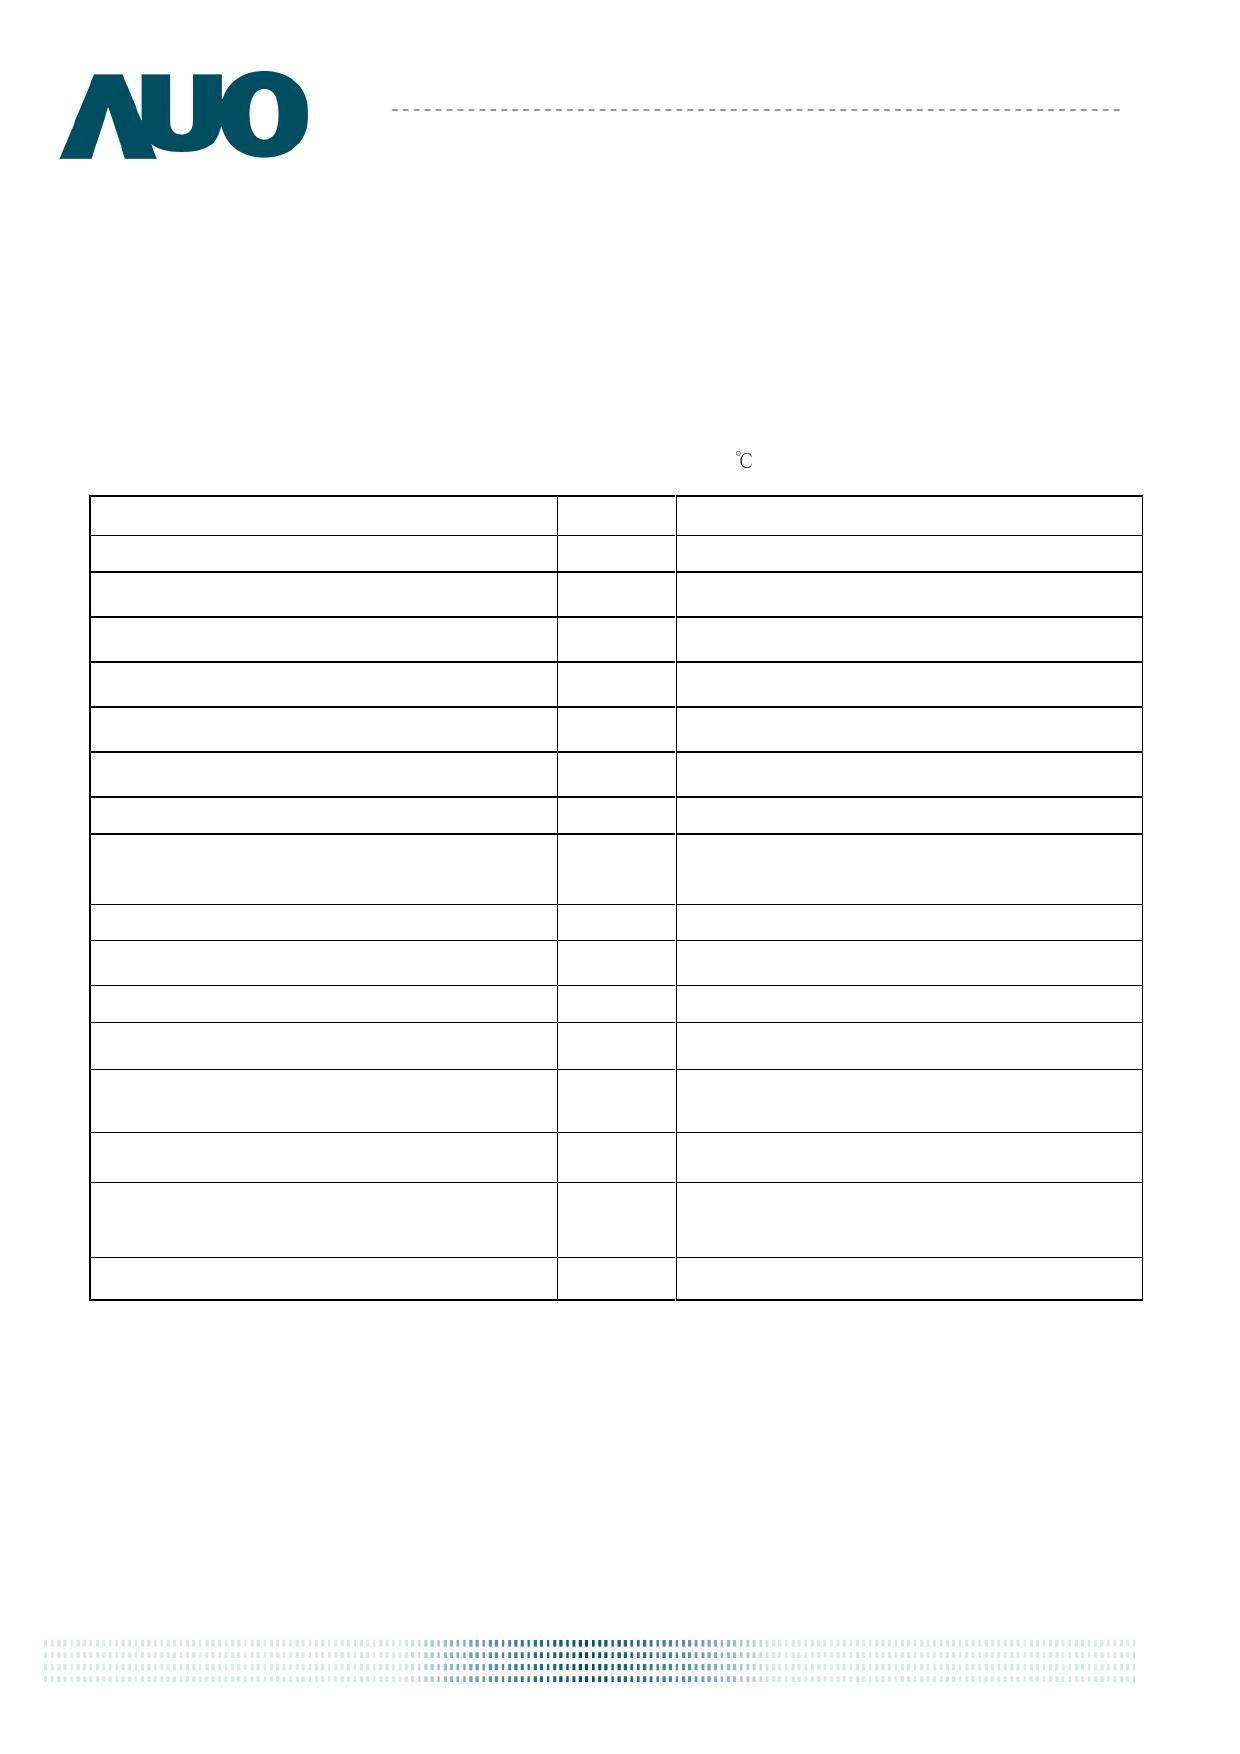 G057QN01-V0 pdf, arduino